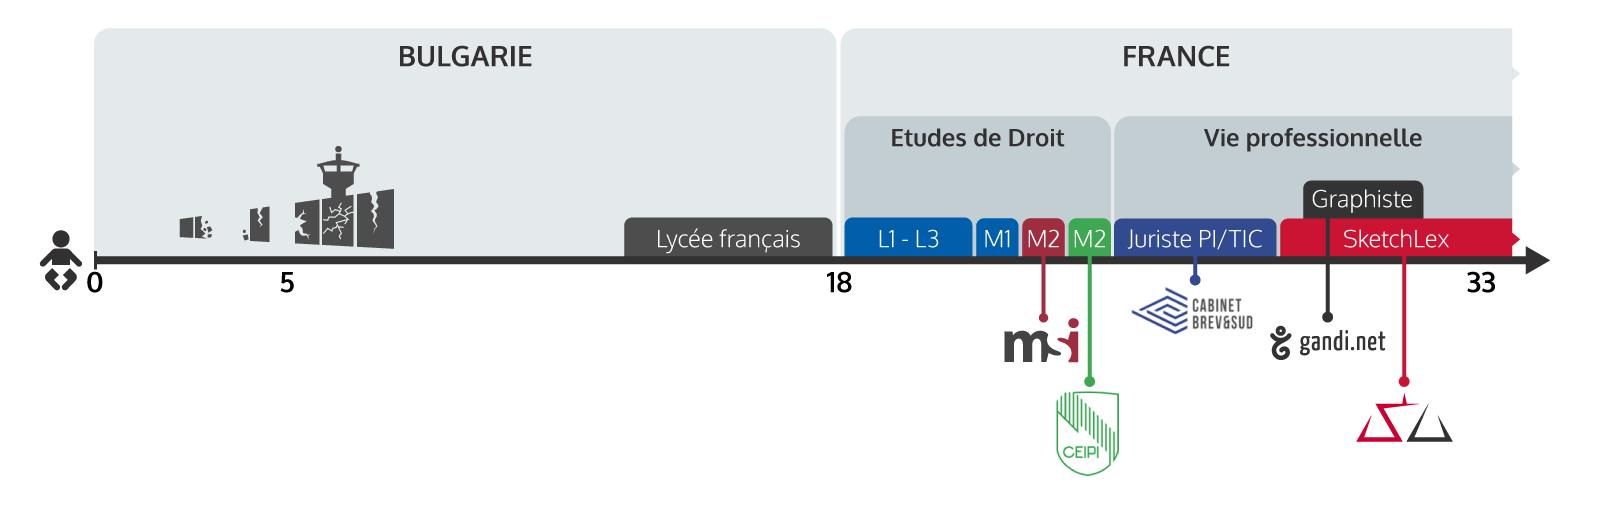 Timeline de Miroslav Kurdov